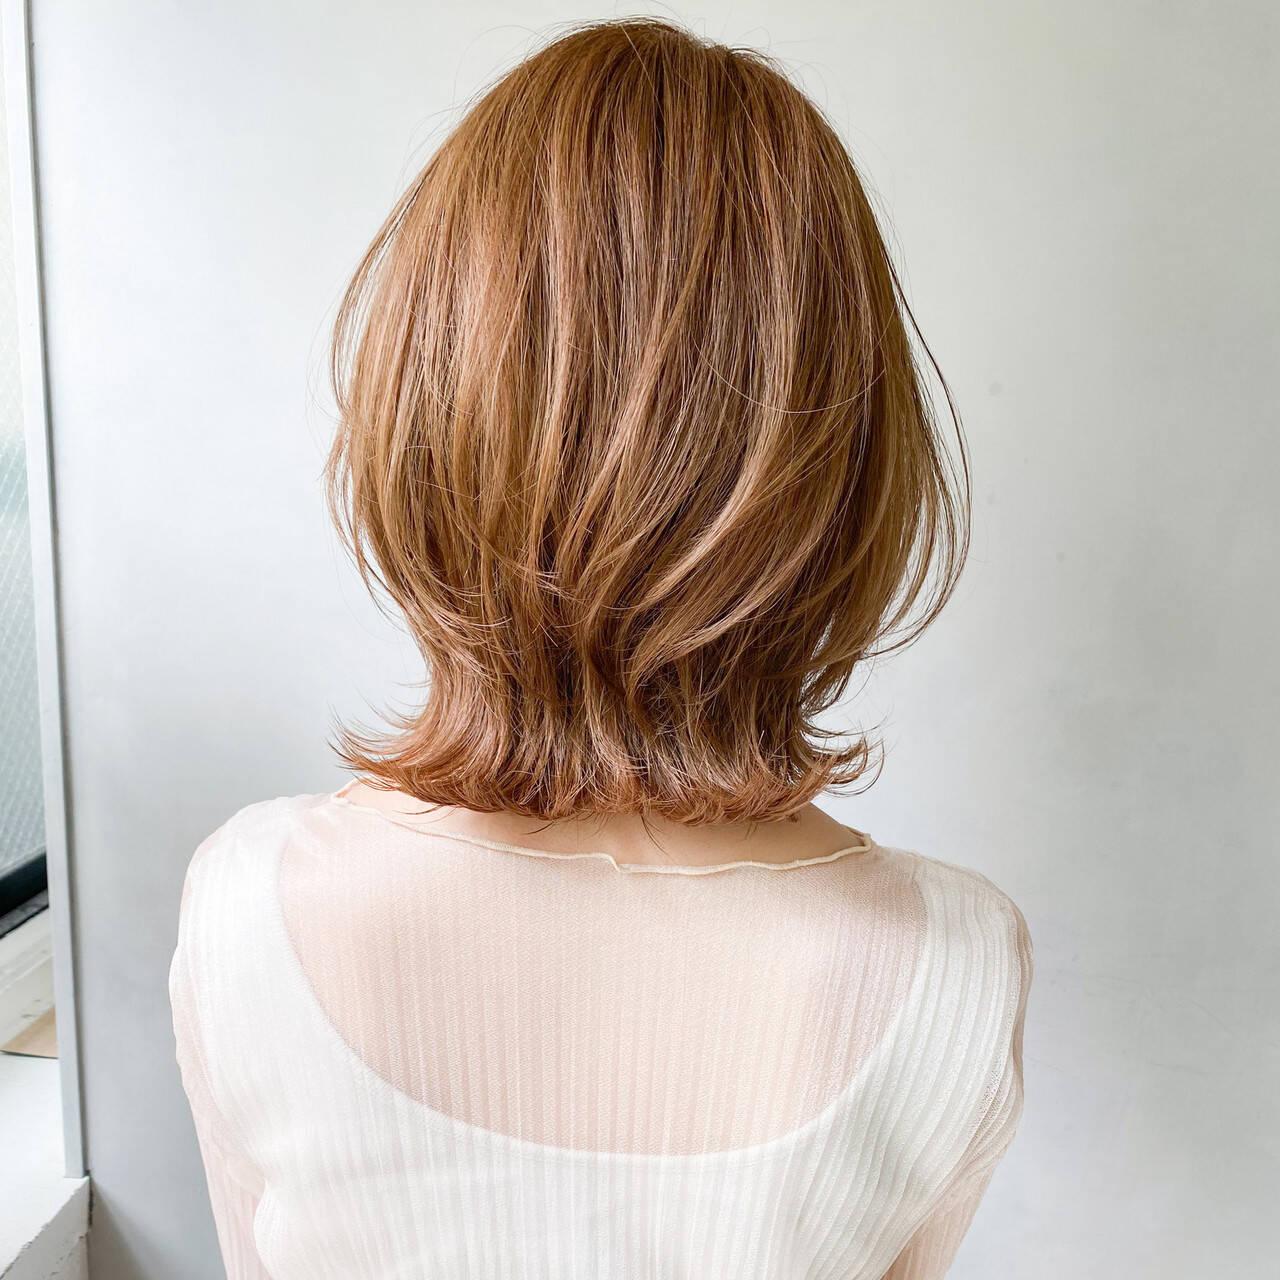 アンニュイほつれヘア ナチュラル オフィス 外ハネボブヘアスタイルや髪型の写真・画像